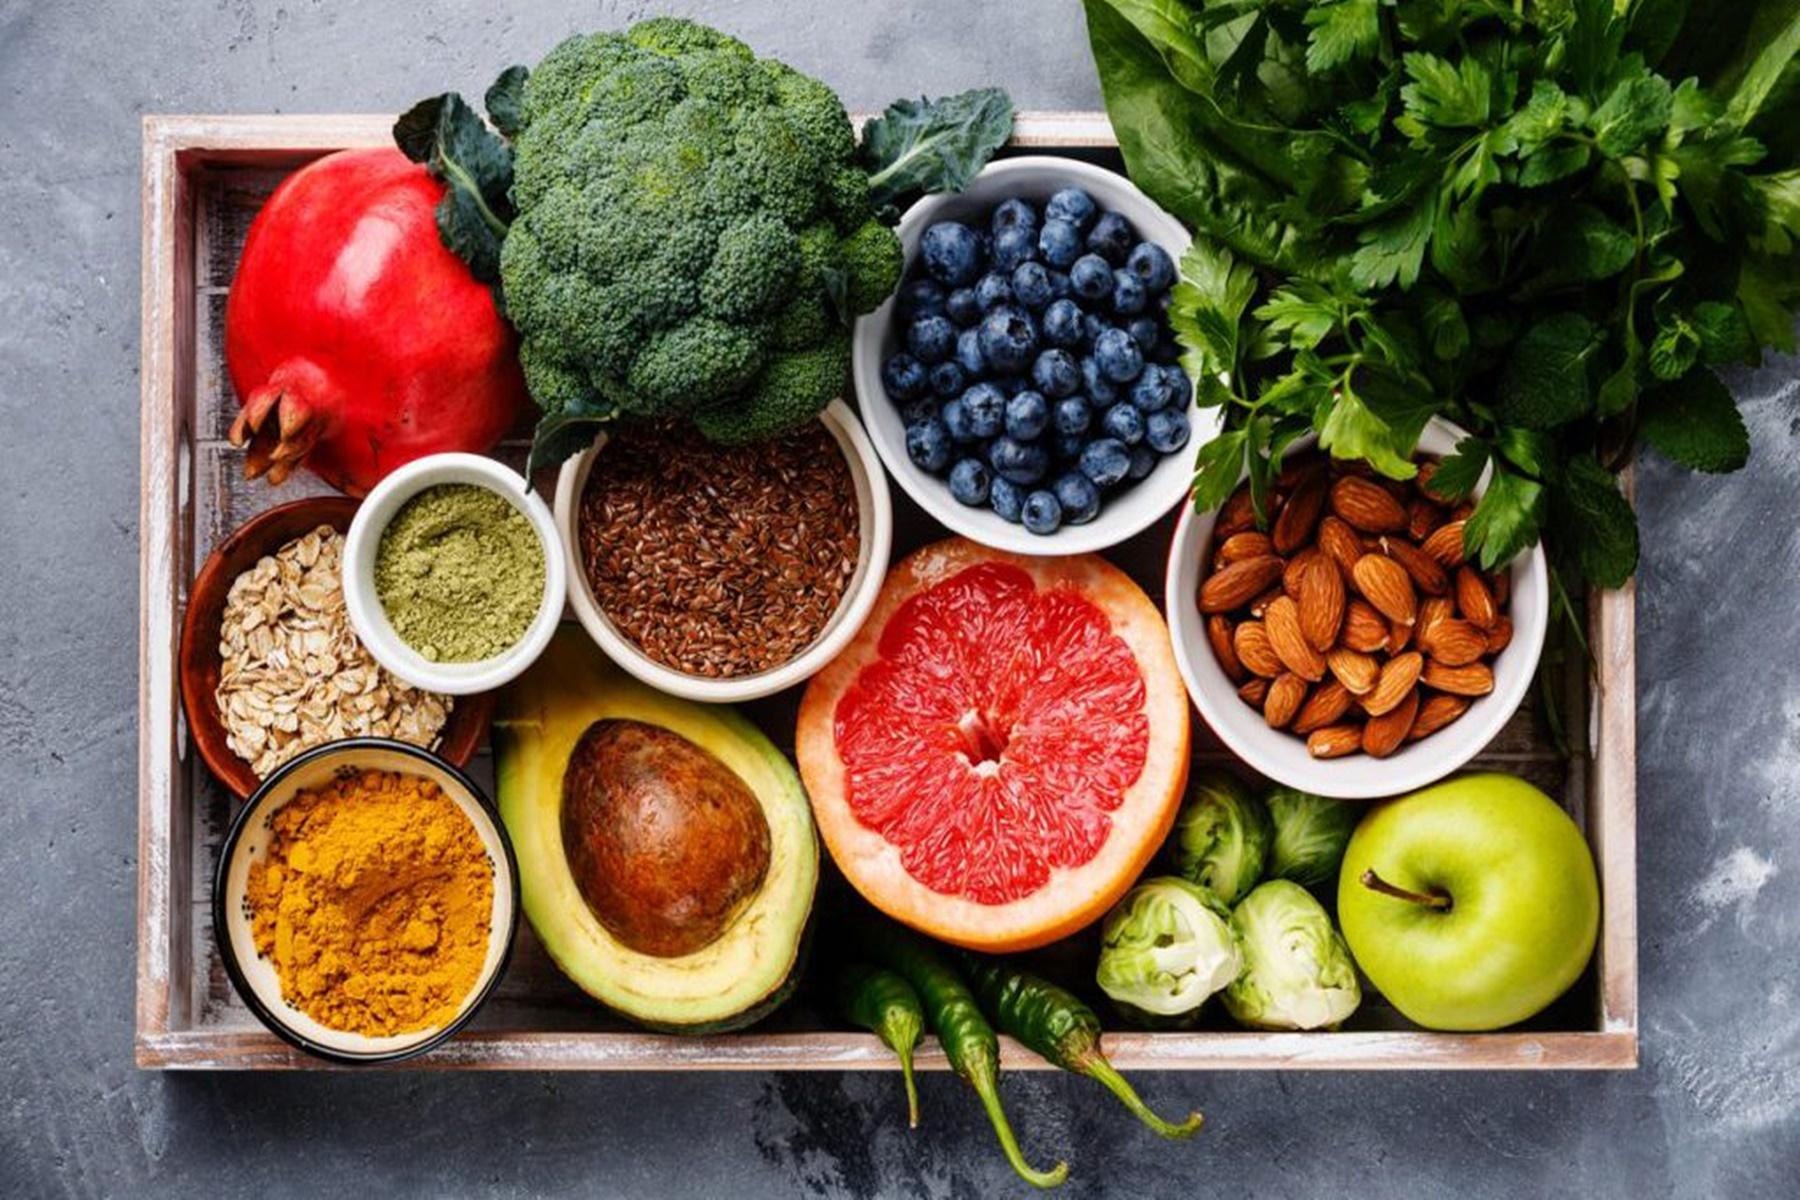 Διατροφή : Τρόφιμα που ενισχύουν την διάθεση